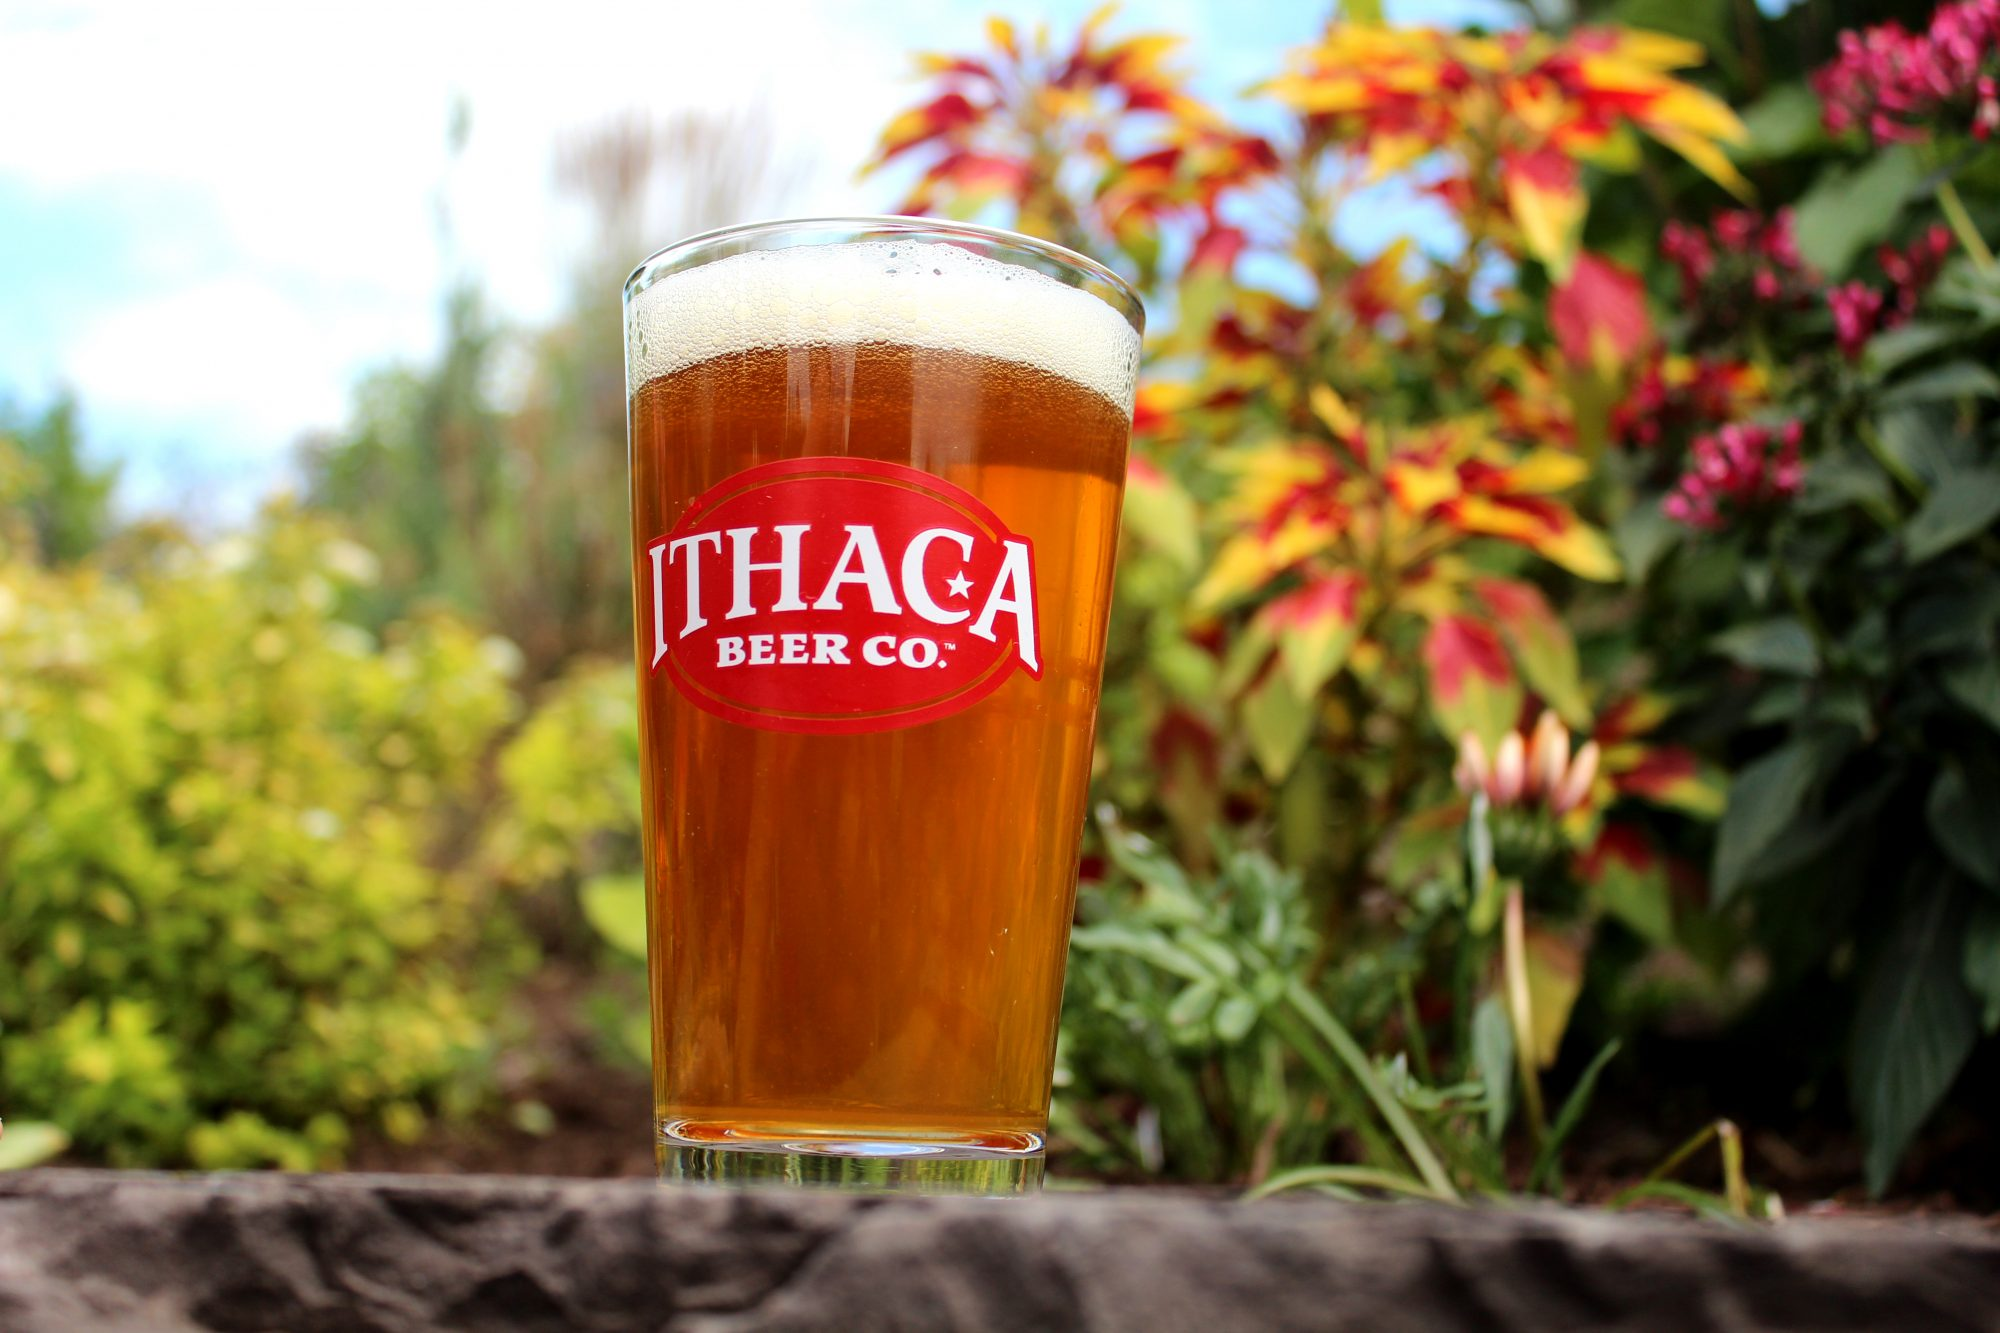 Ithaca Beer Co.